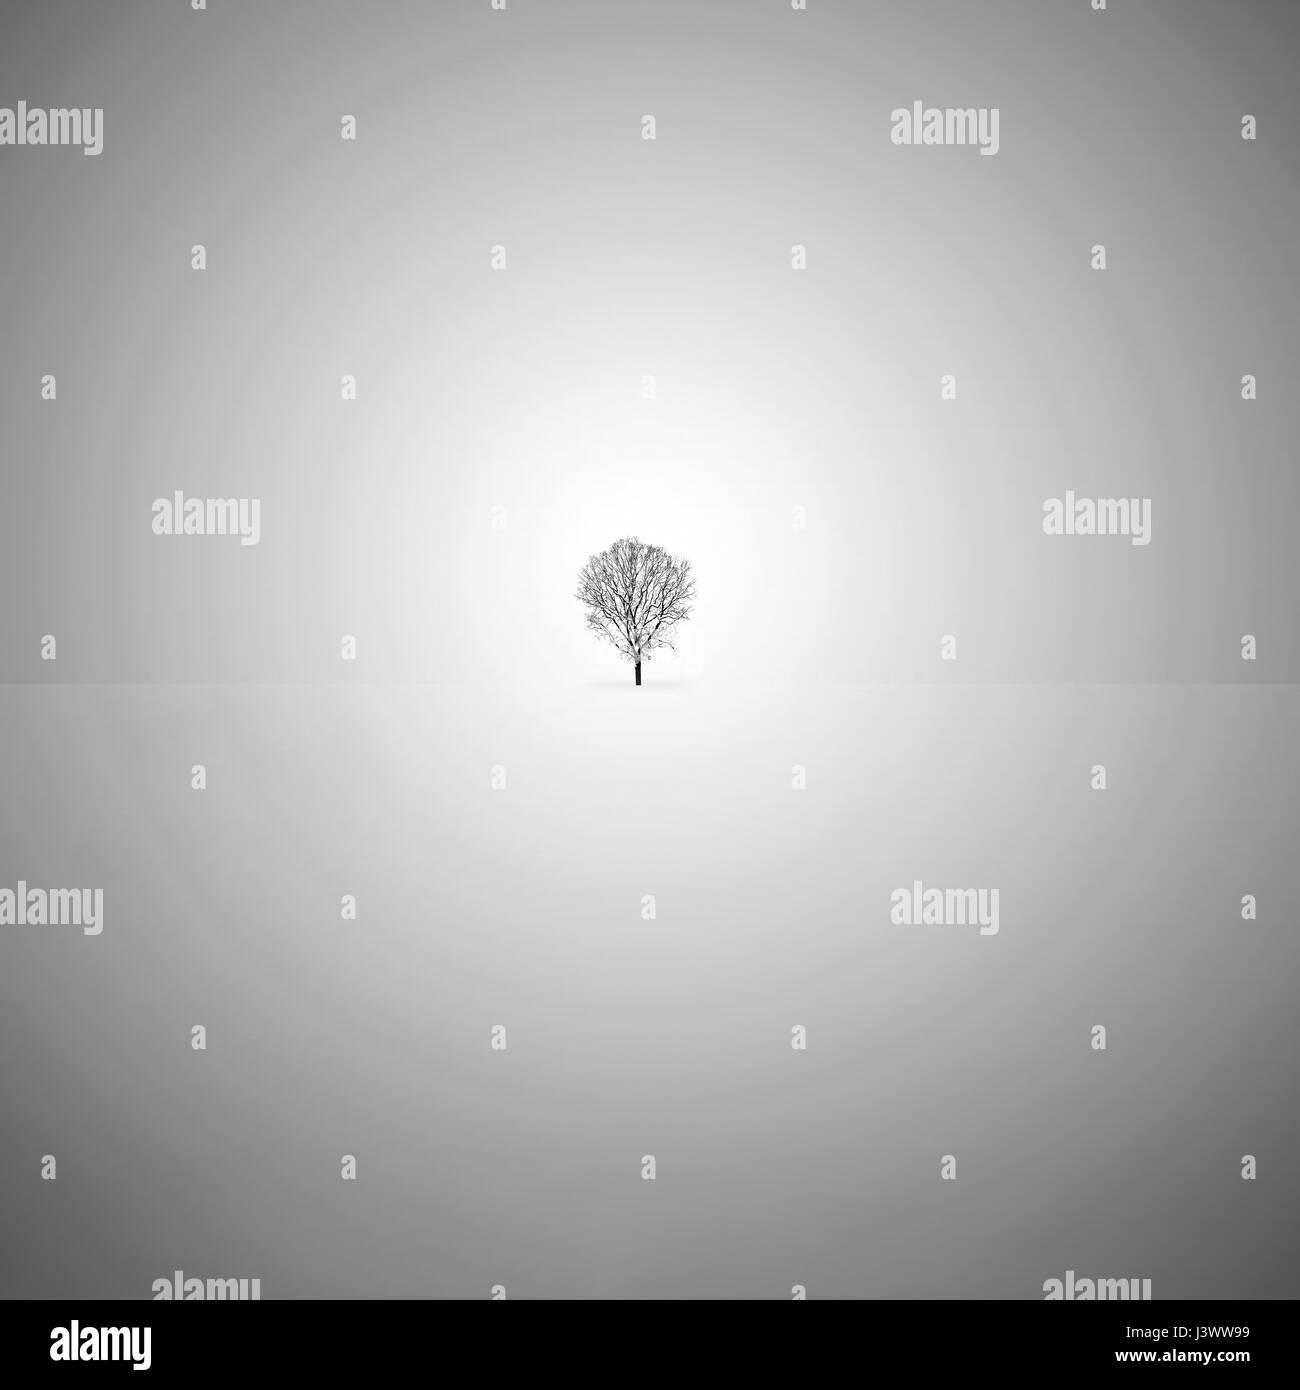 Minimalistische Kunst schwarz-weiß Foto mit einem einsamen Baum im Schnee. Stockfoto